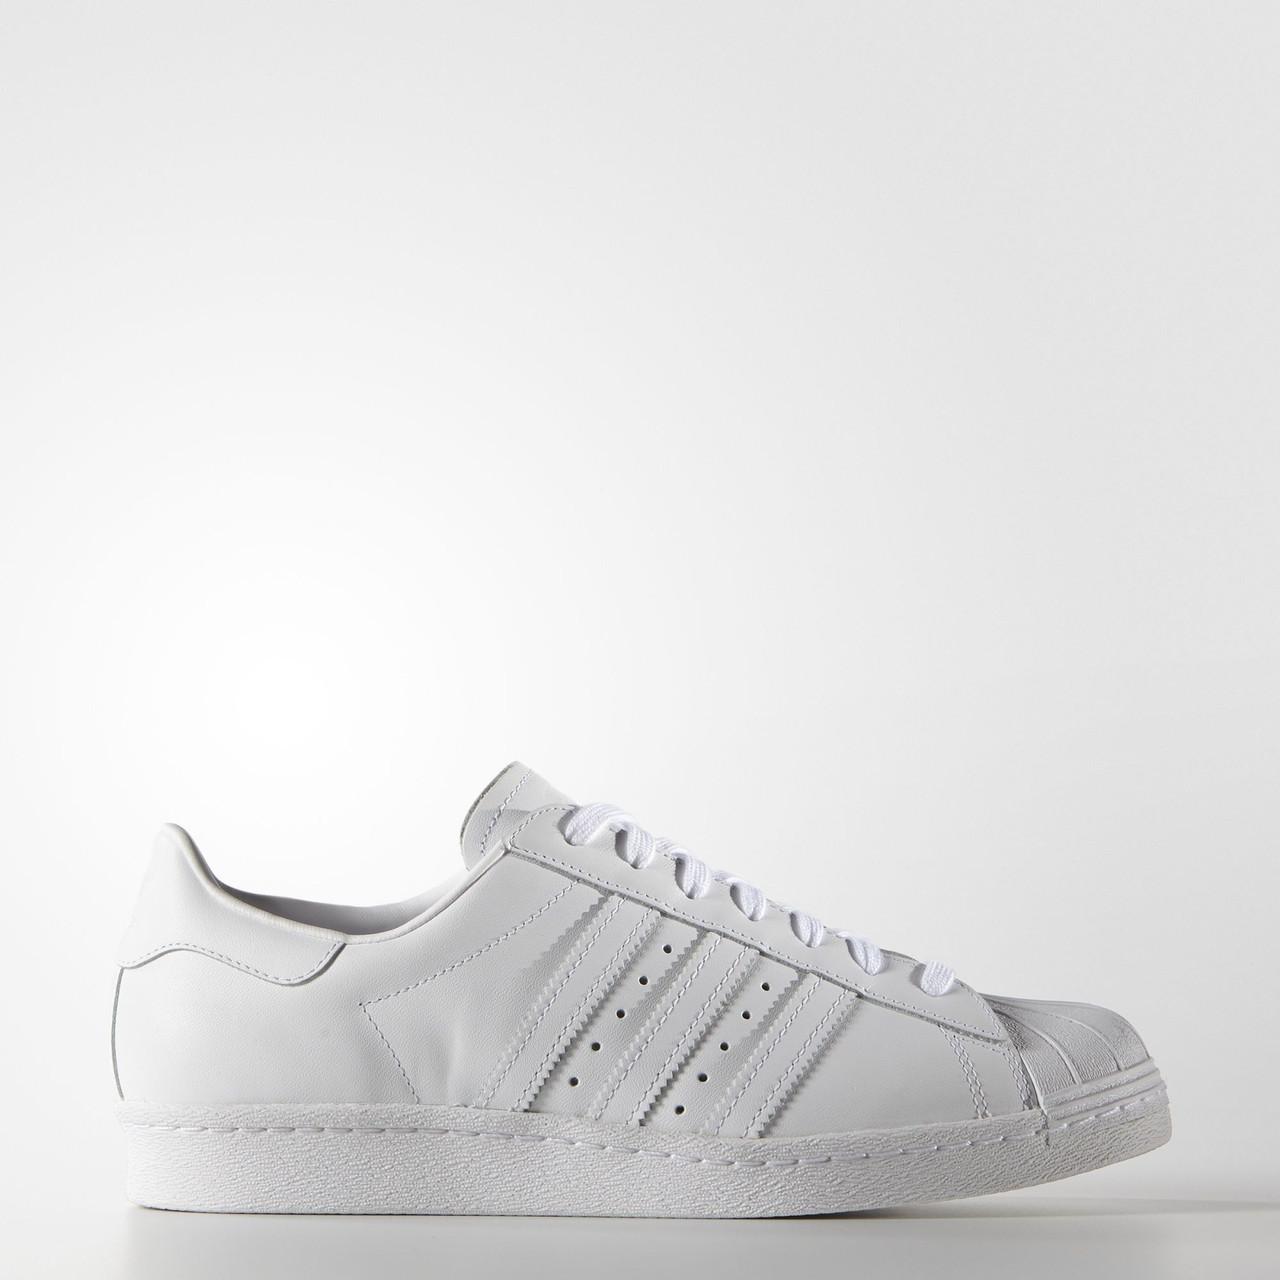 Купить Кроссовки Adidas Originals Superstar 80S (Артикул  S79443) в ... c66913f6910